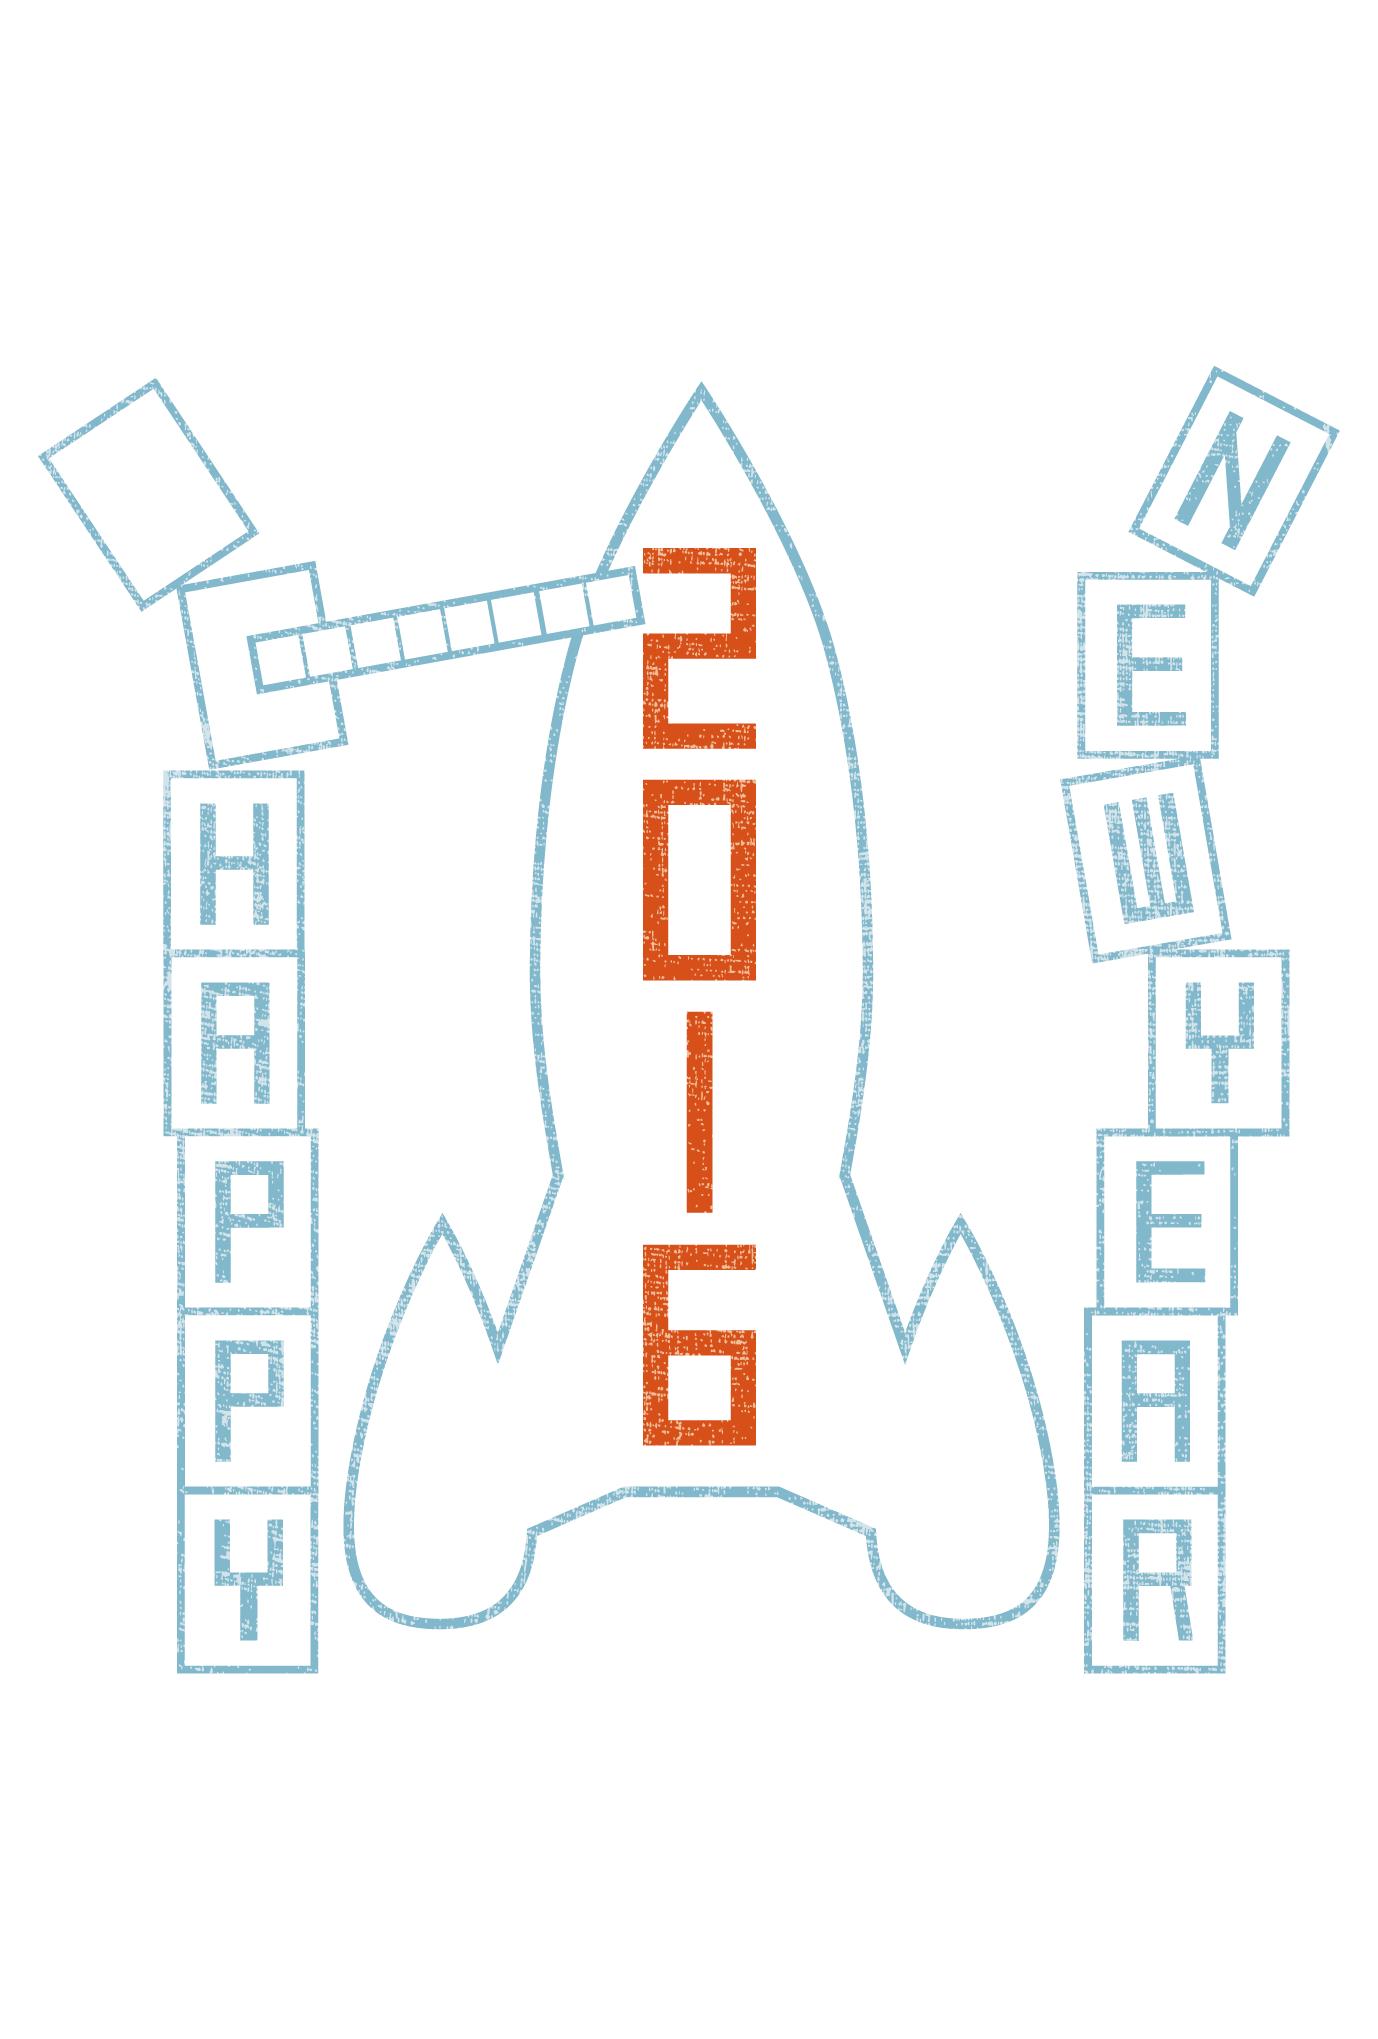 2016年賀状02-1:New year rocket / 1のダウンロード画像